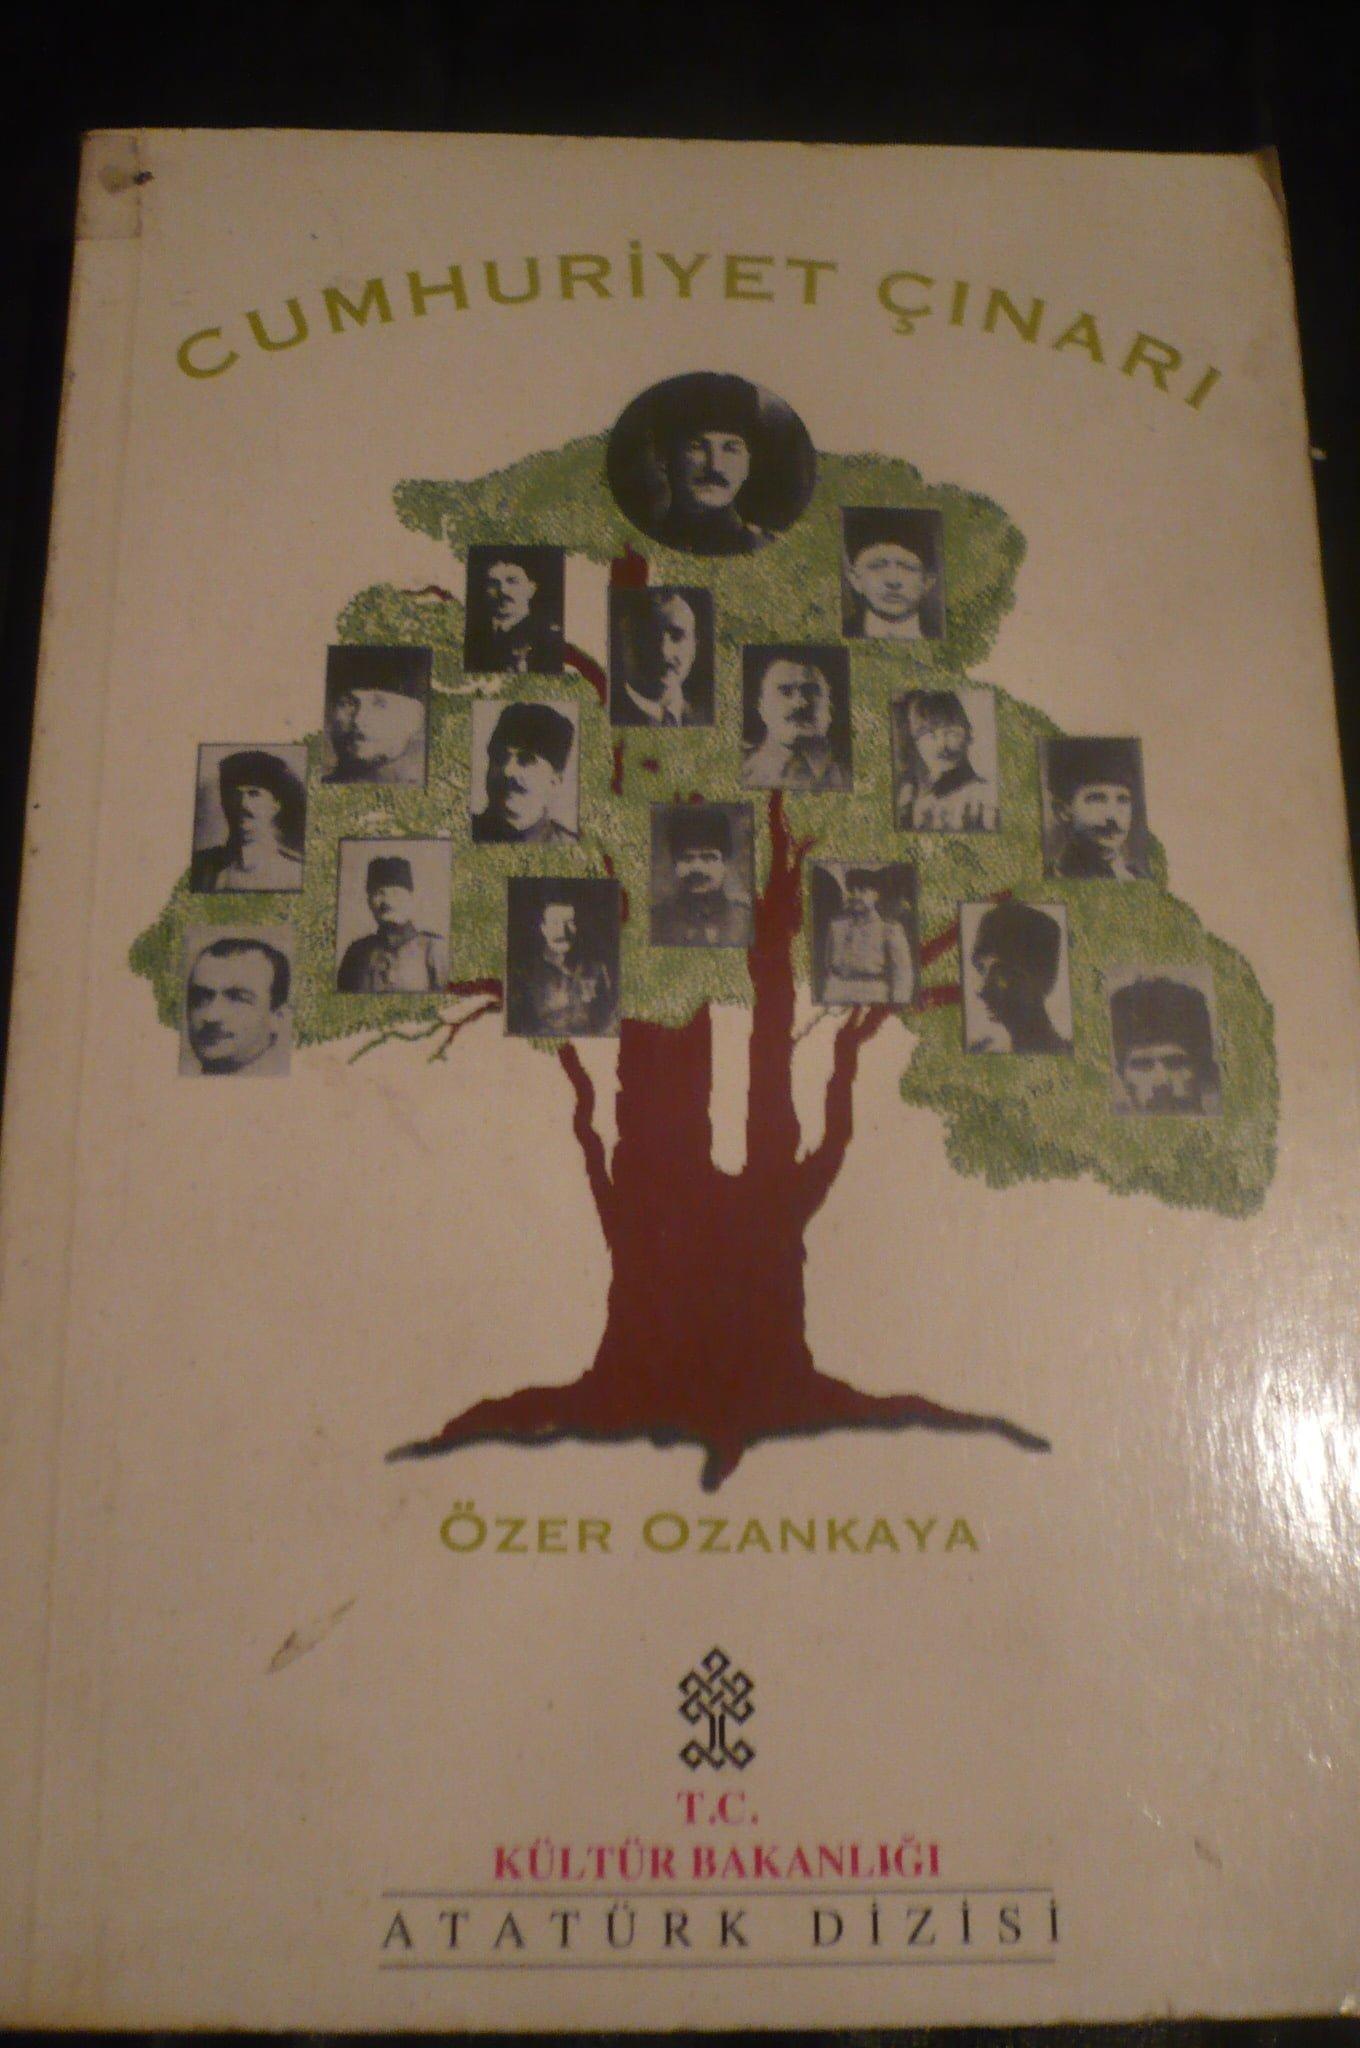 CUMHURİYET ÇINARI/Özer OZANKAYA/ 15 TL